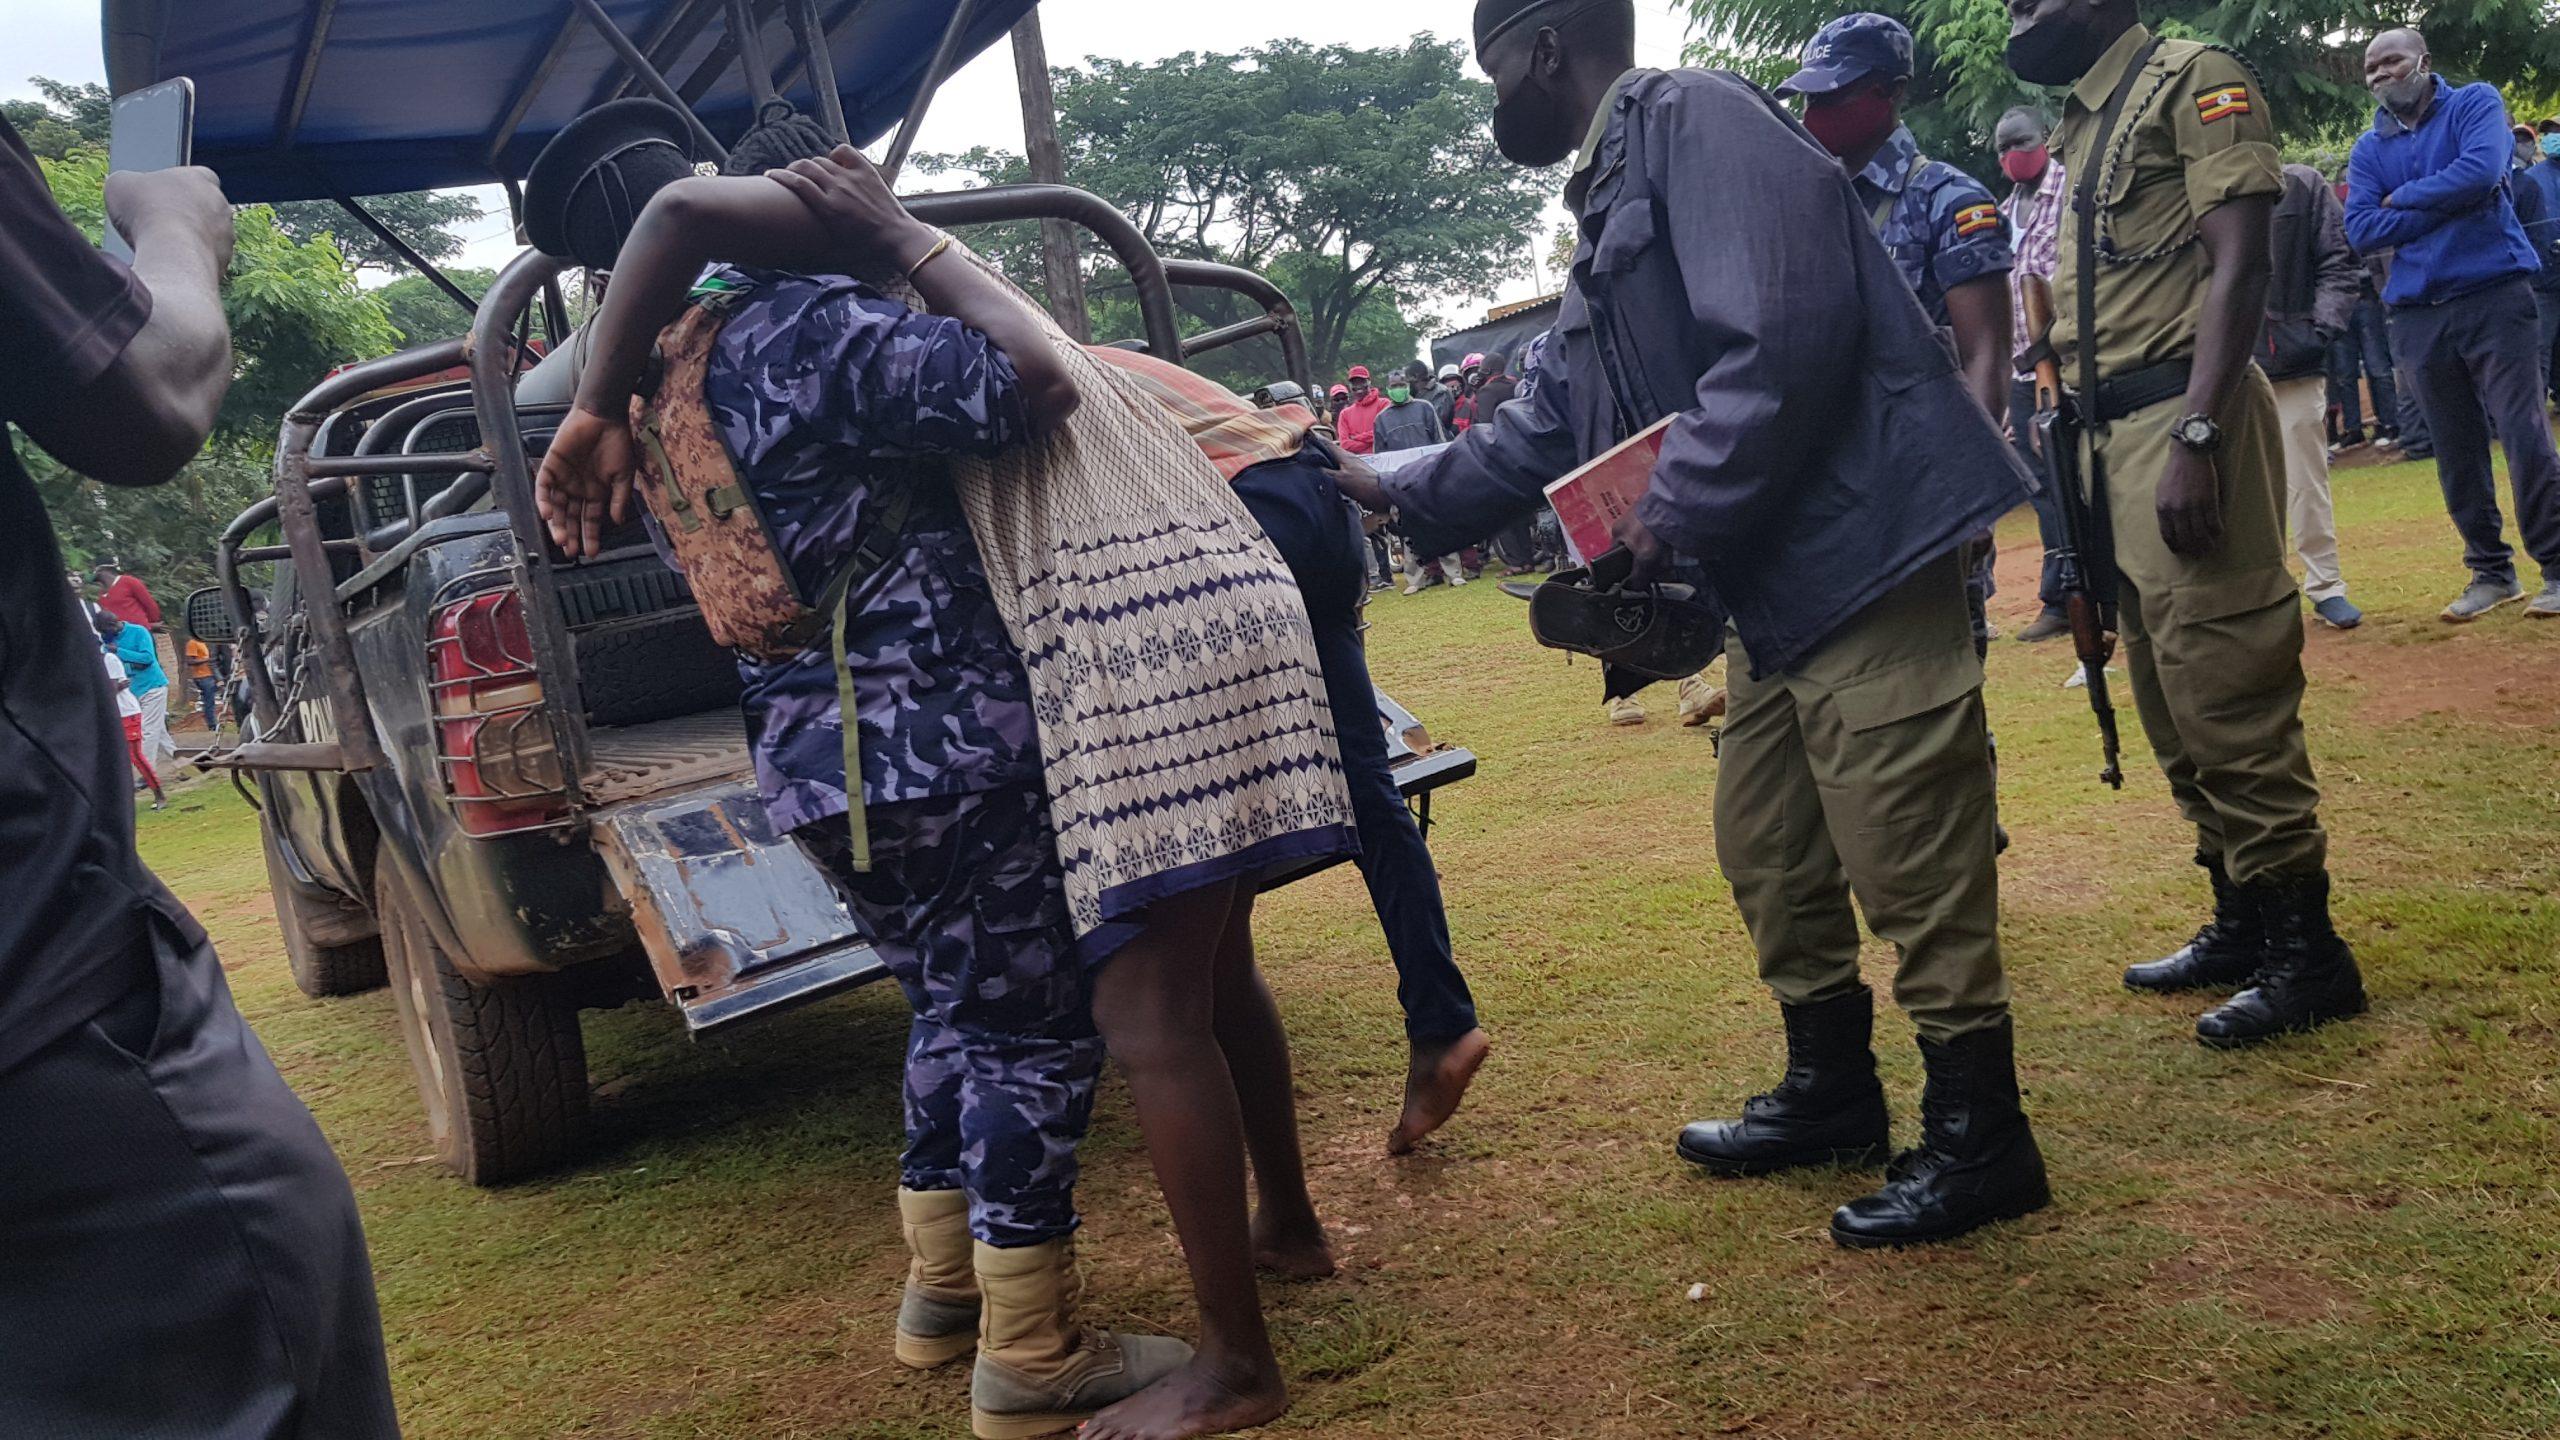 Strange But True; Gulu Man Got Stuck Between Legs Of Fiancé